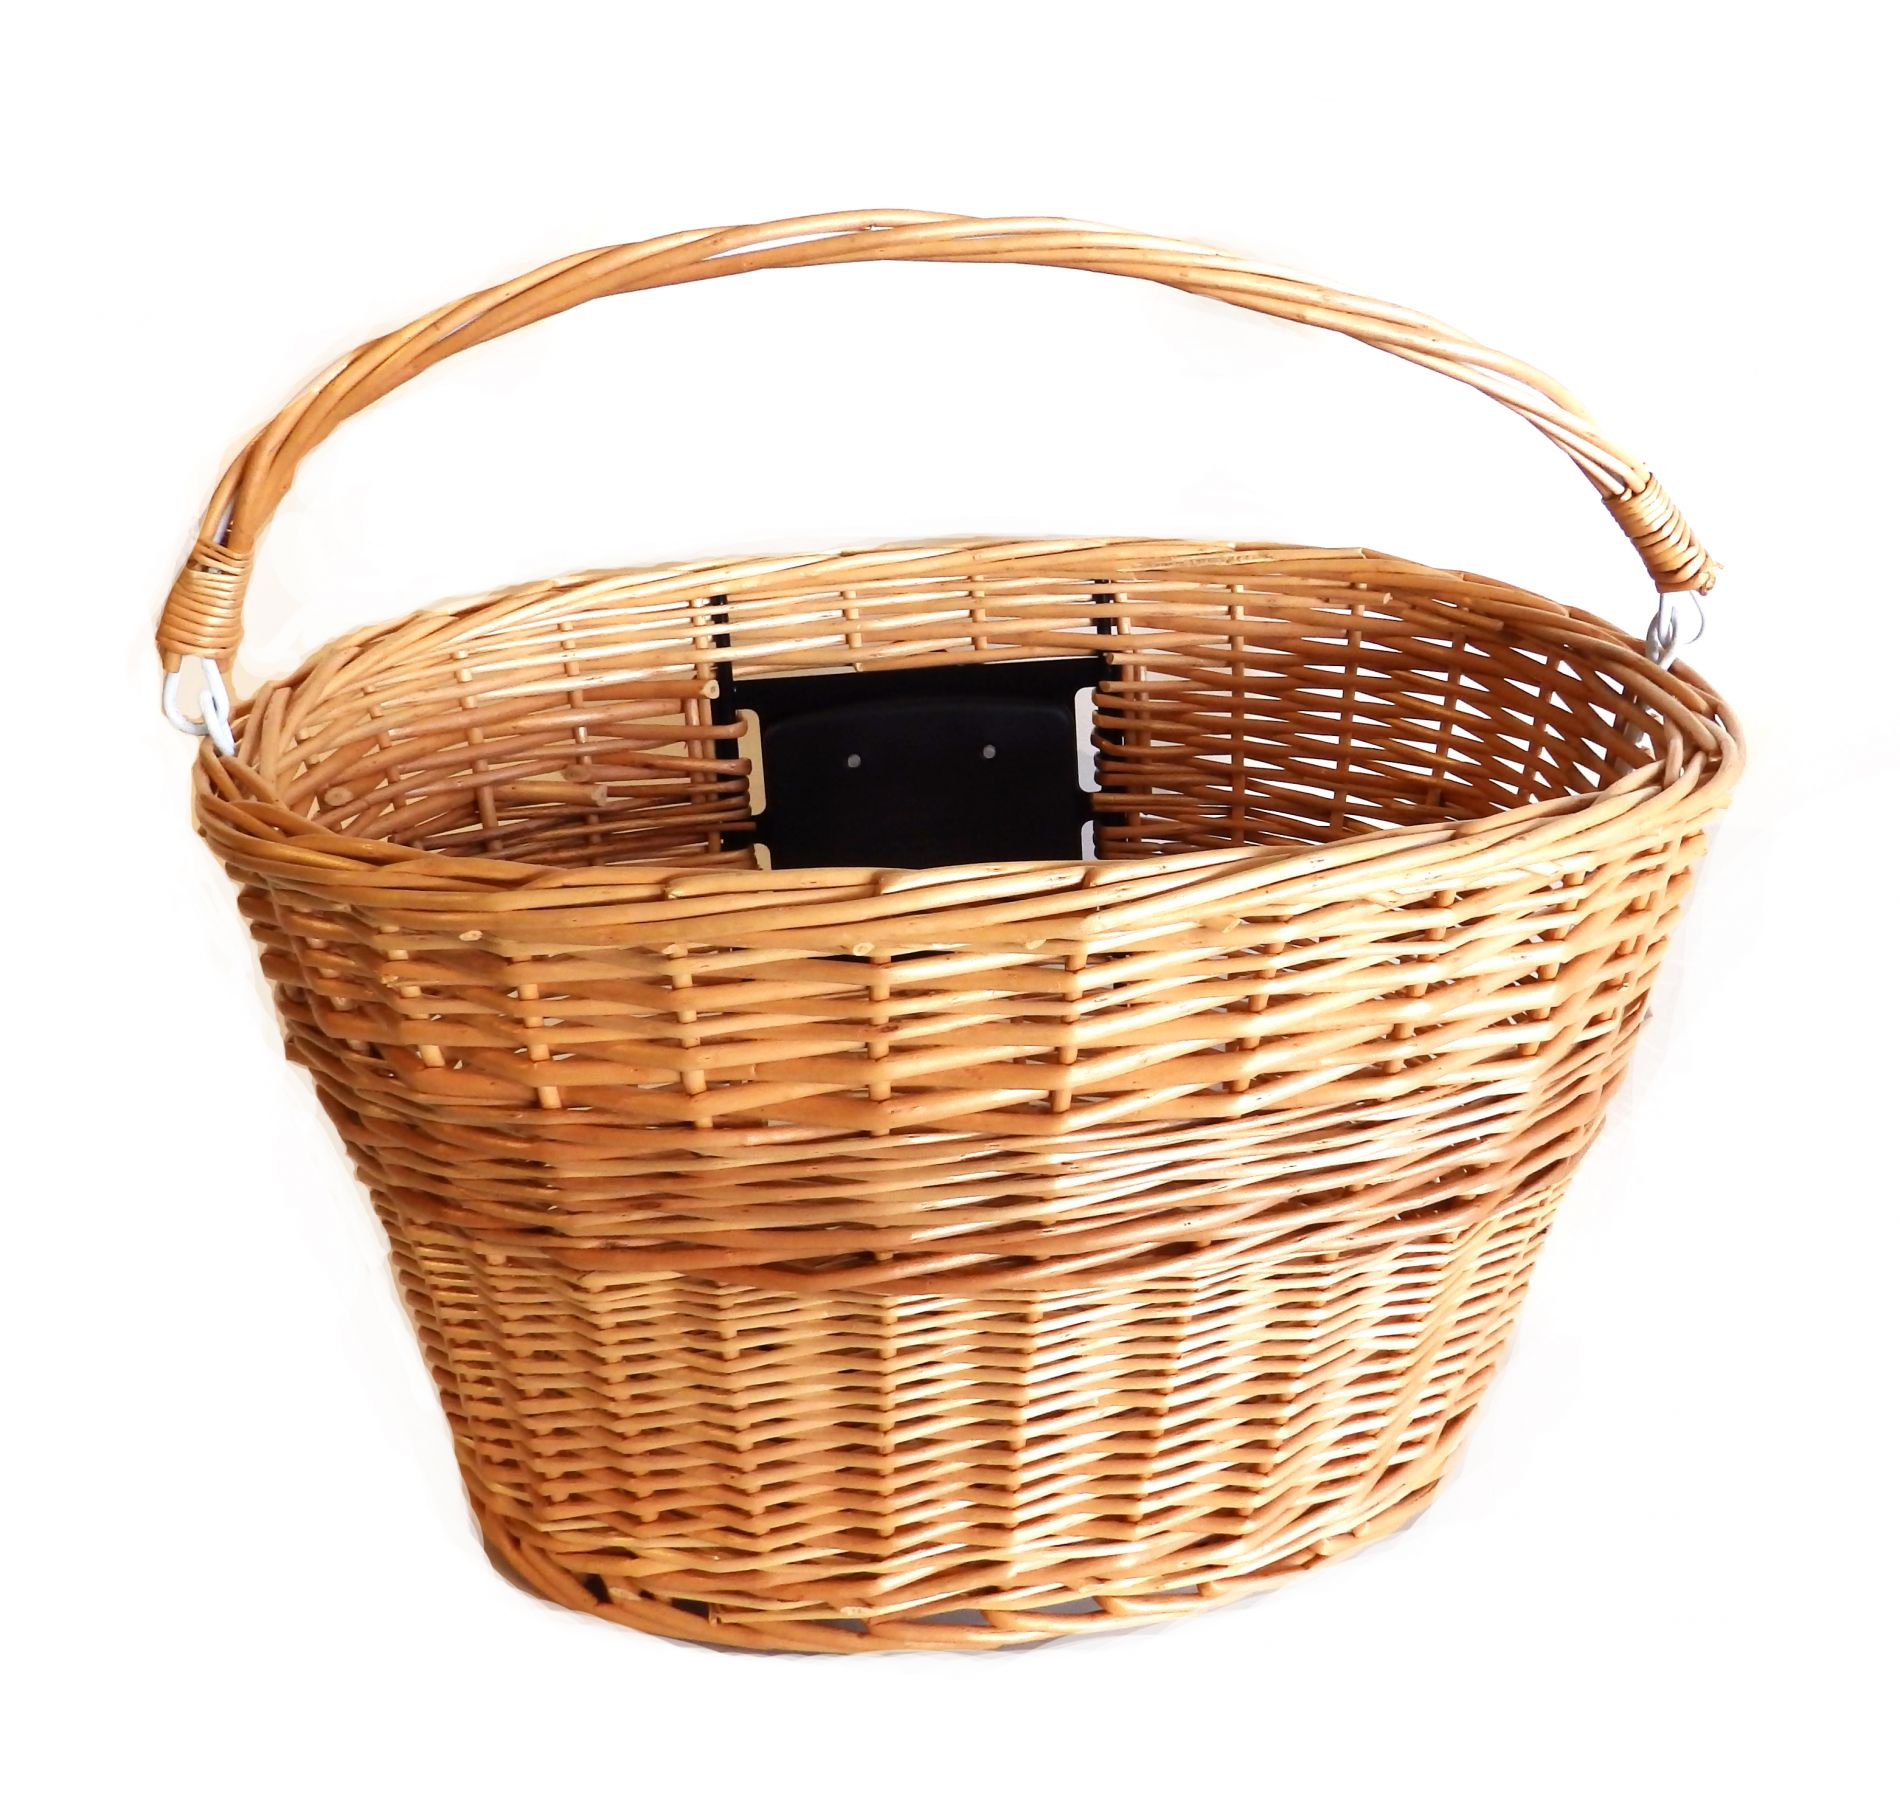 Swagman The Okanagan Basket